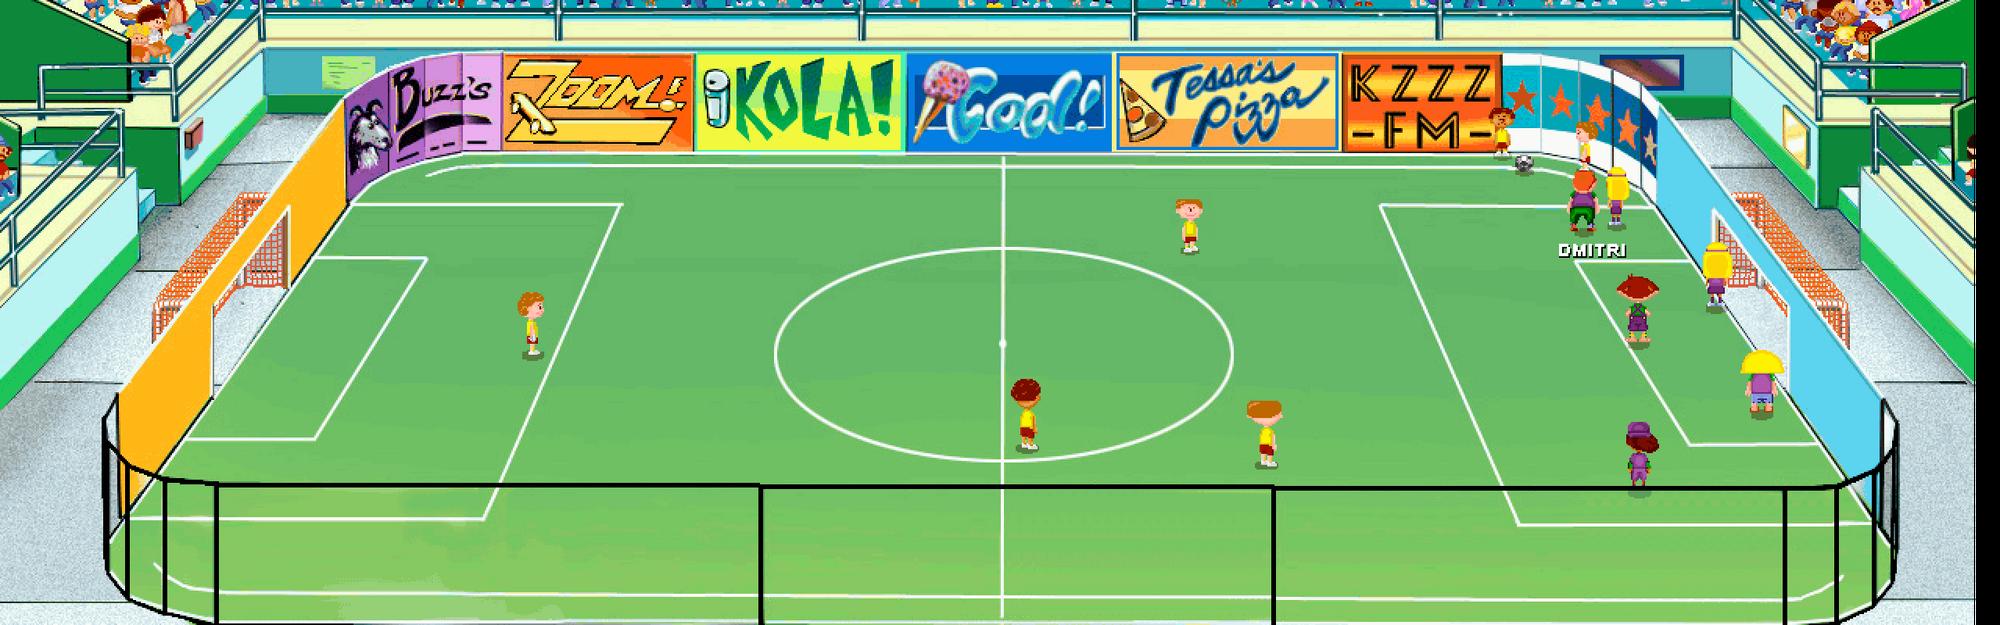 pro sports arena backyard sports wiki fandom powered by wikia